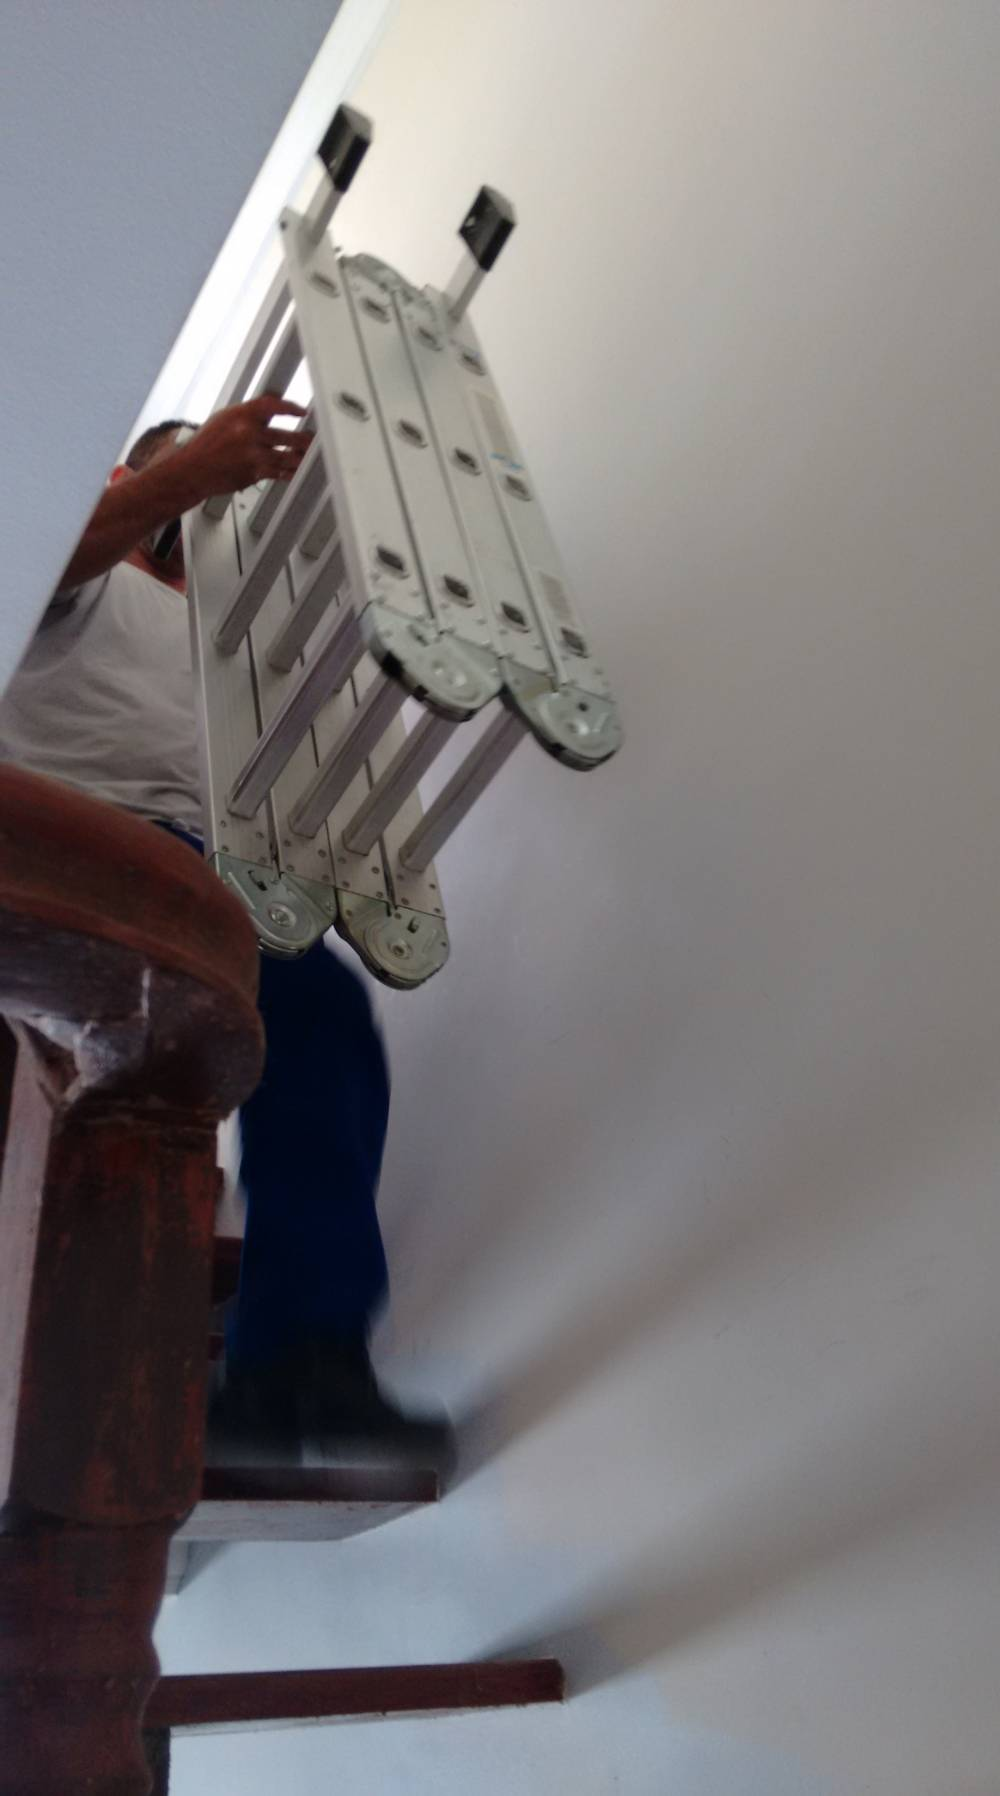 Contratar Empresa de Manutenções Residenciais na Vila Sacadura Cabral - Empresa de Manutenção Residencial SP